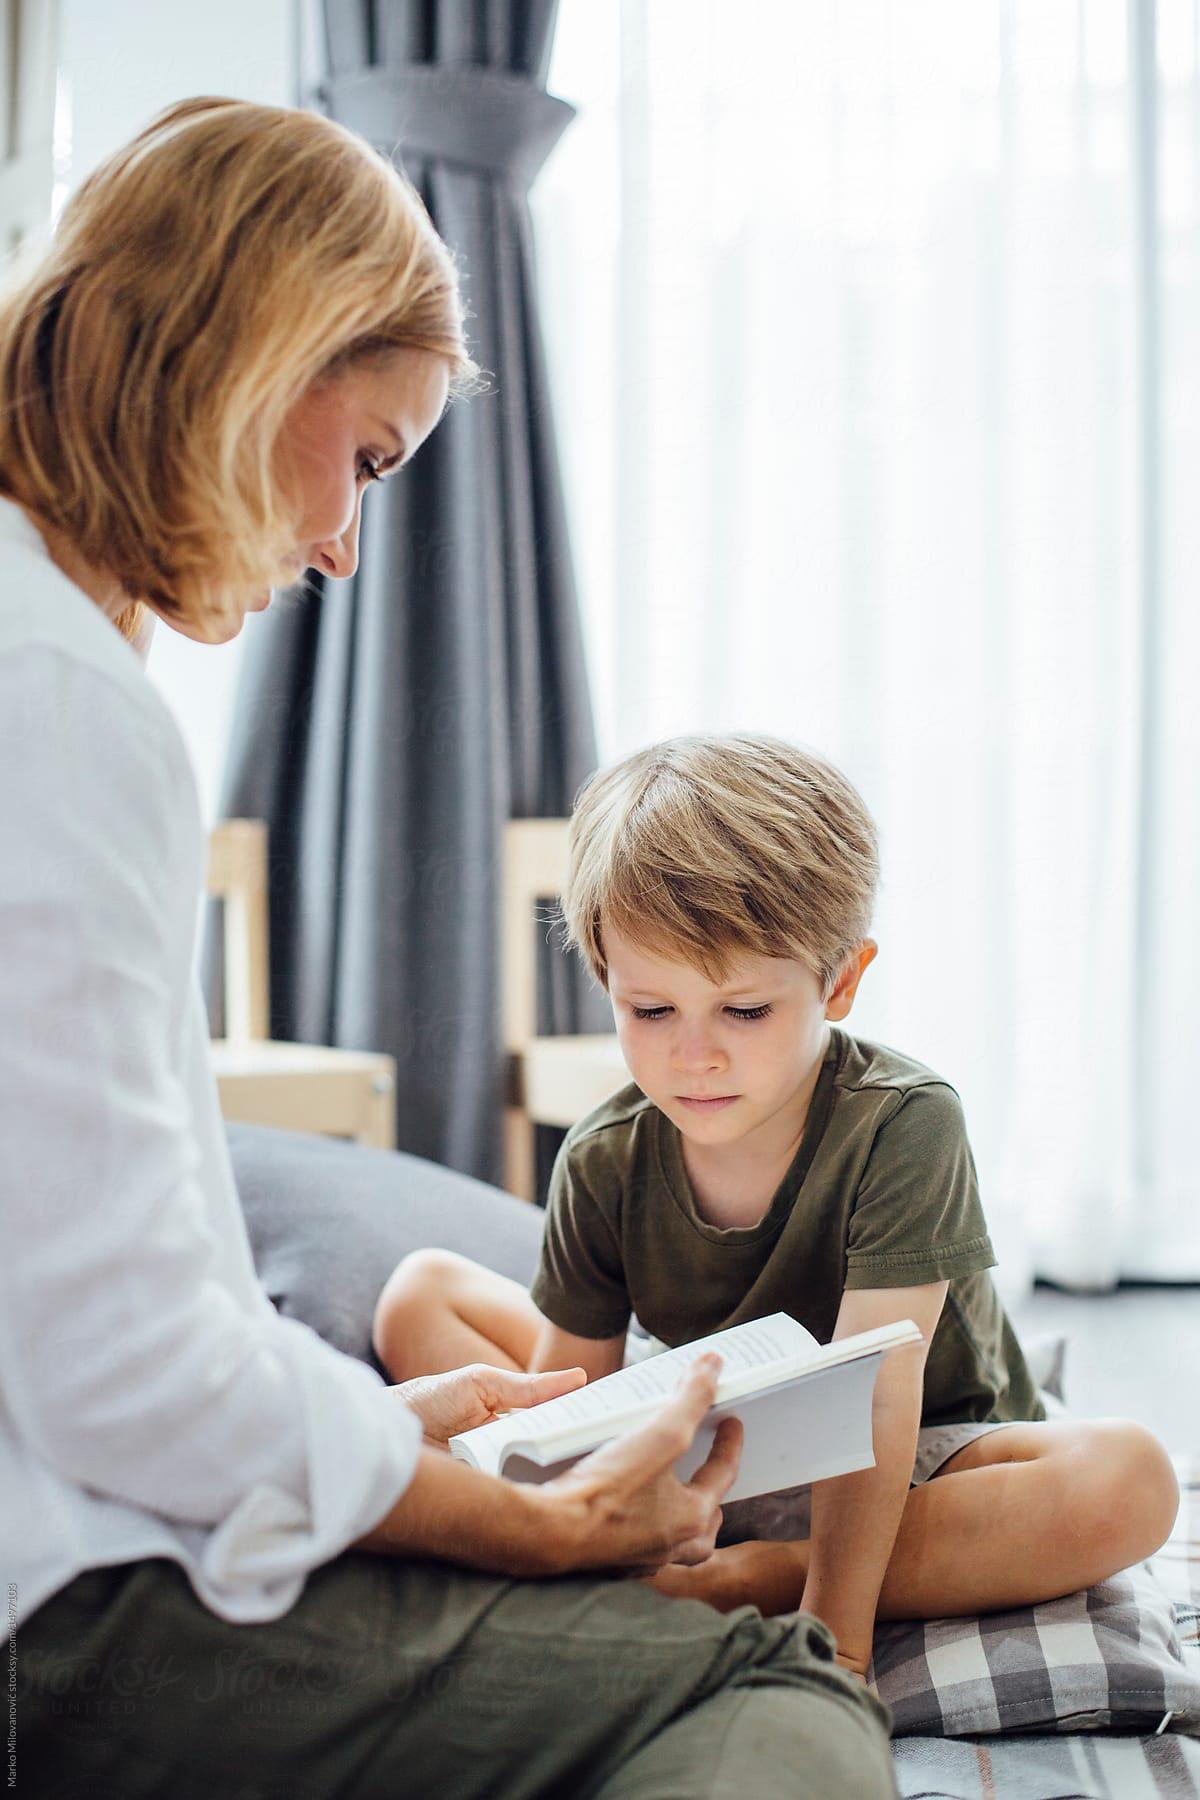 Πώς ωφελεί το παιδί να του διαβάζεις παραμύθια